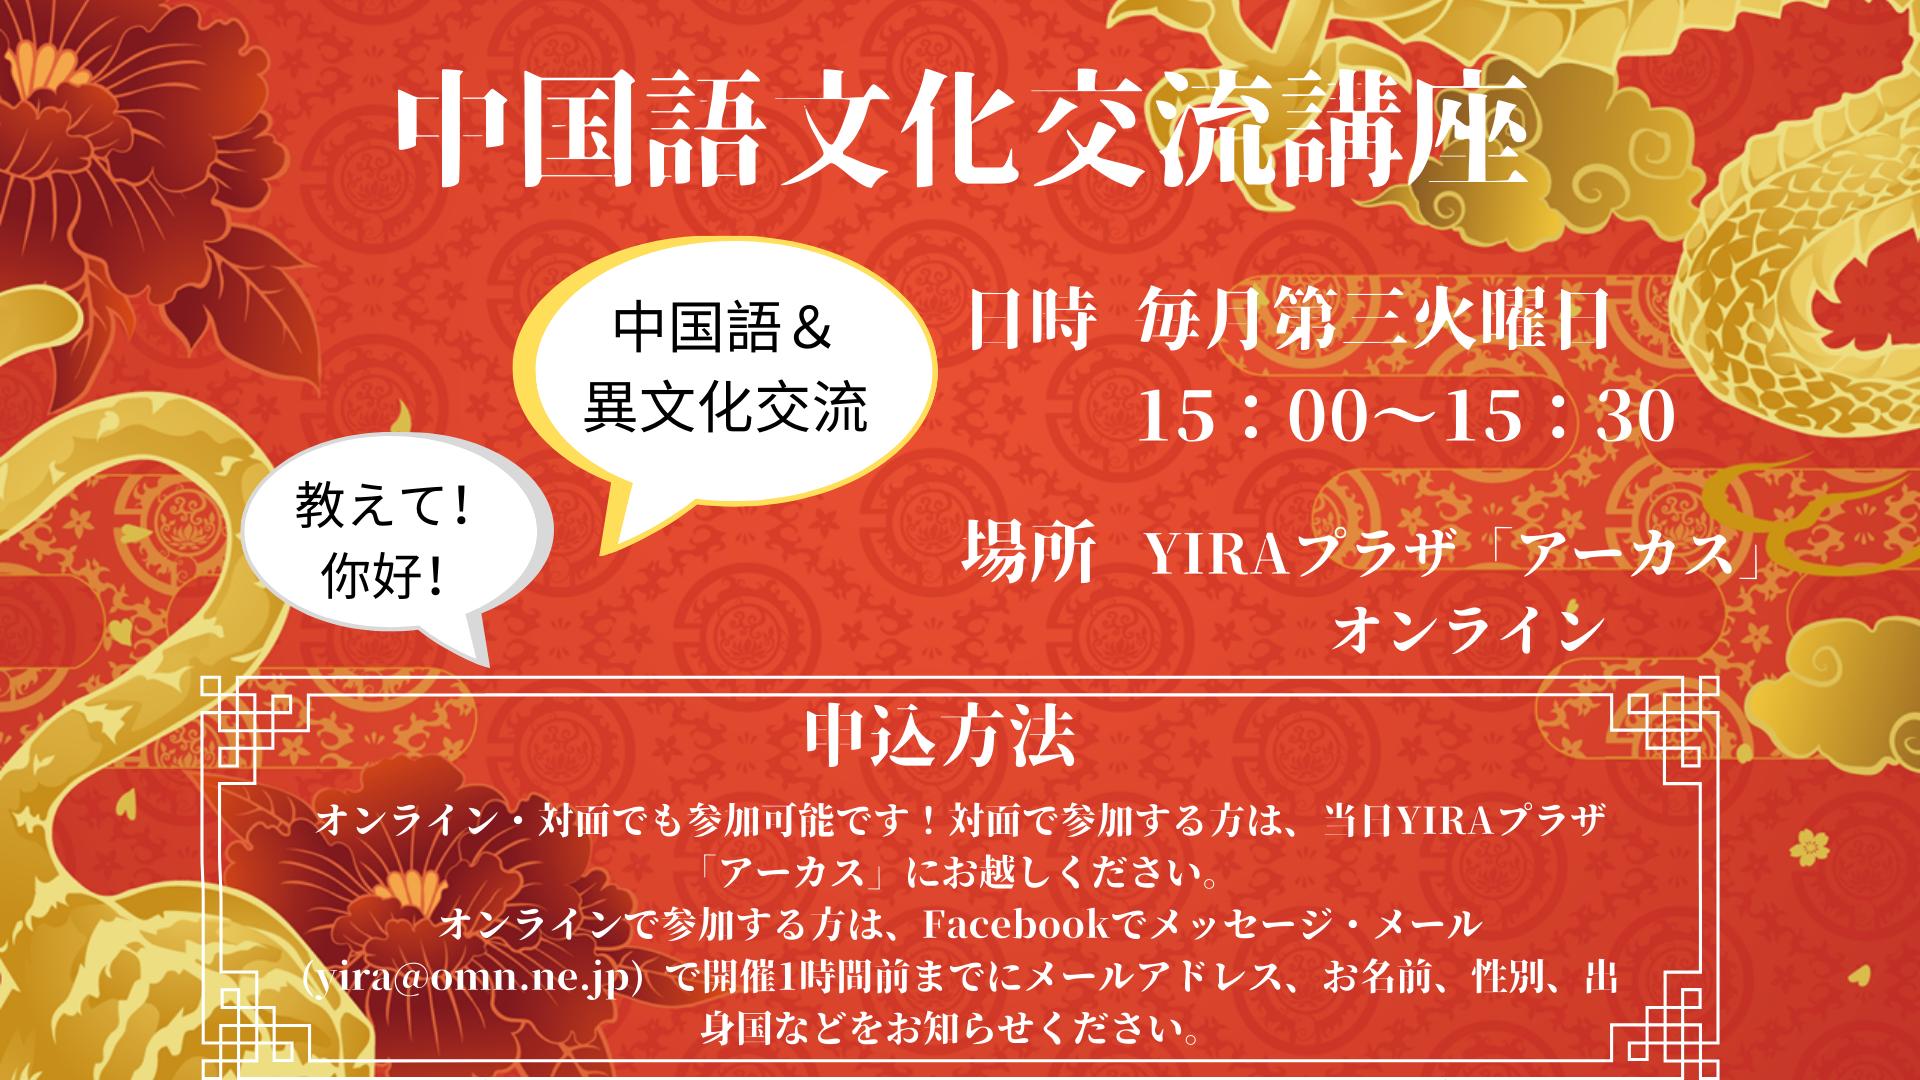 9月の中国語文化交流講座